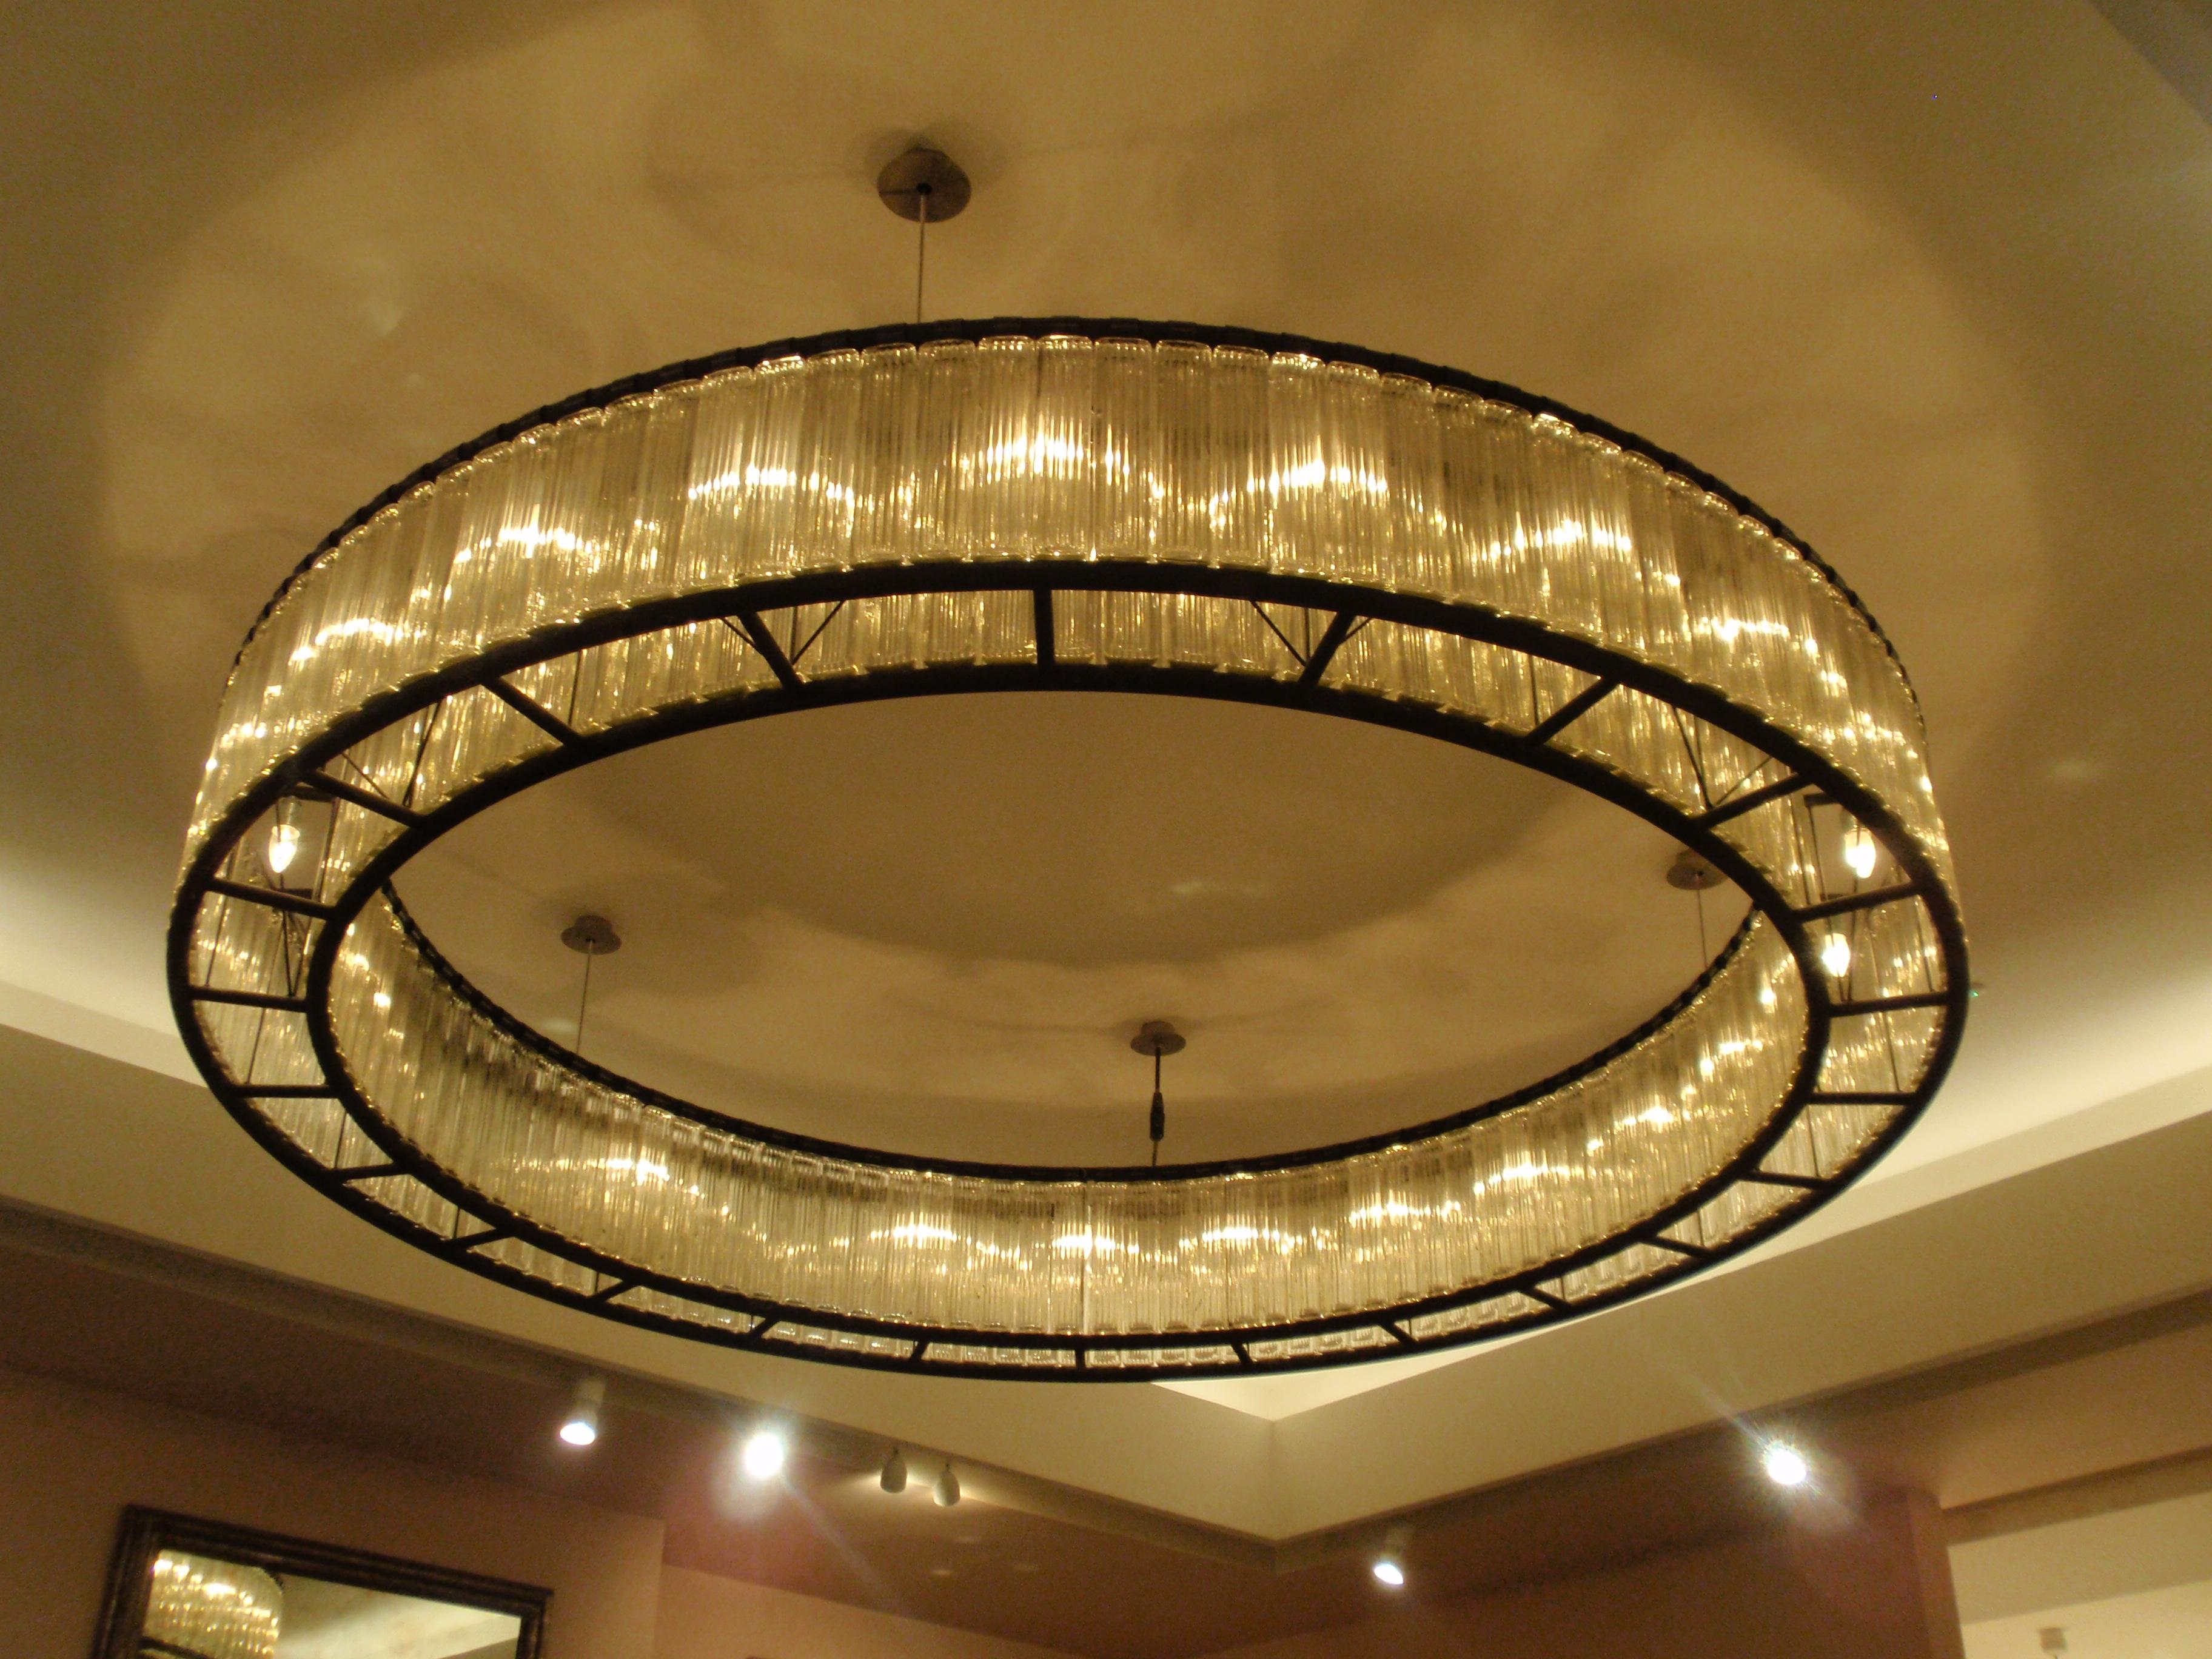 07 september 2009 laissez fare bocca di lupo facade bocca di lupo chandelier arubaitofo Images